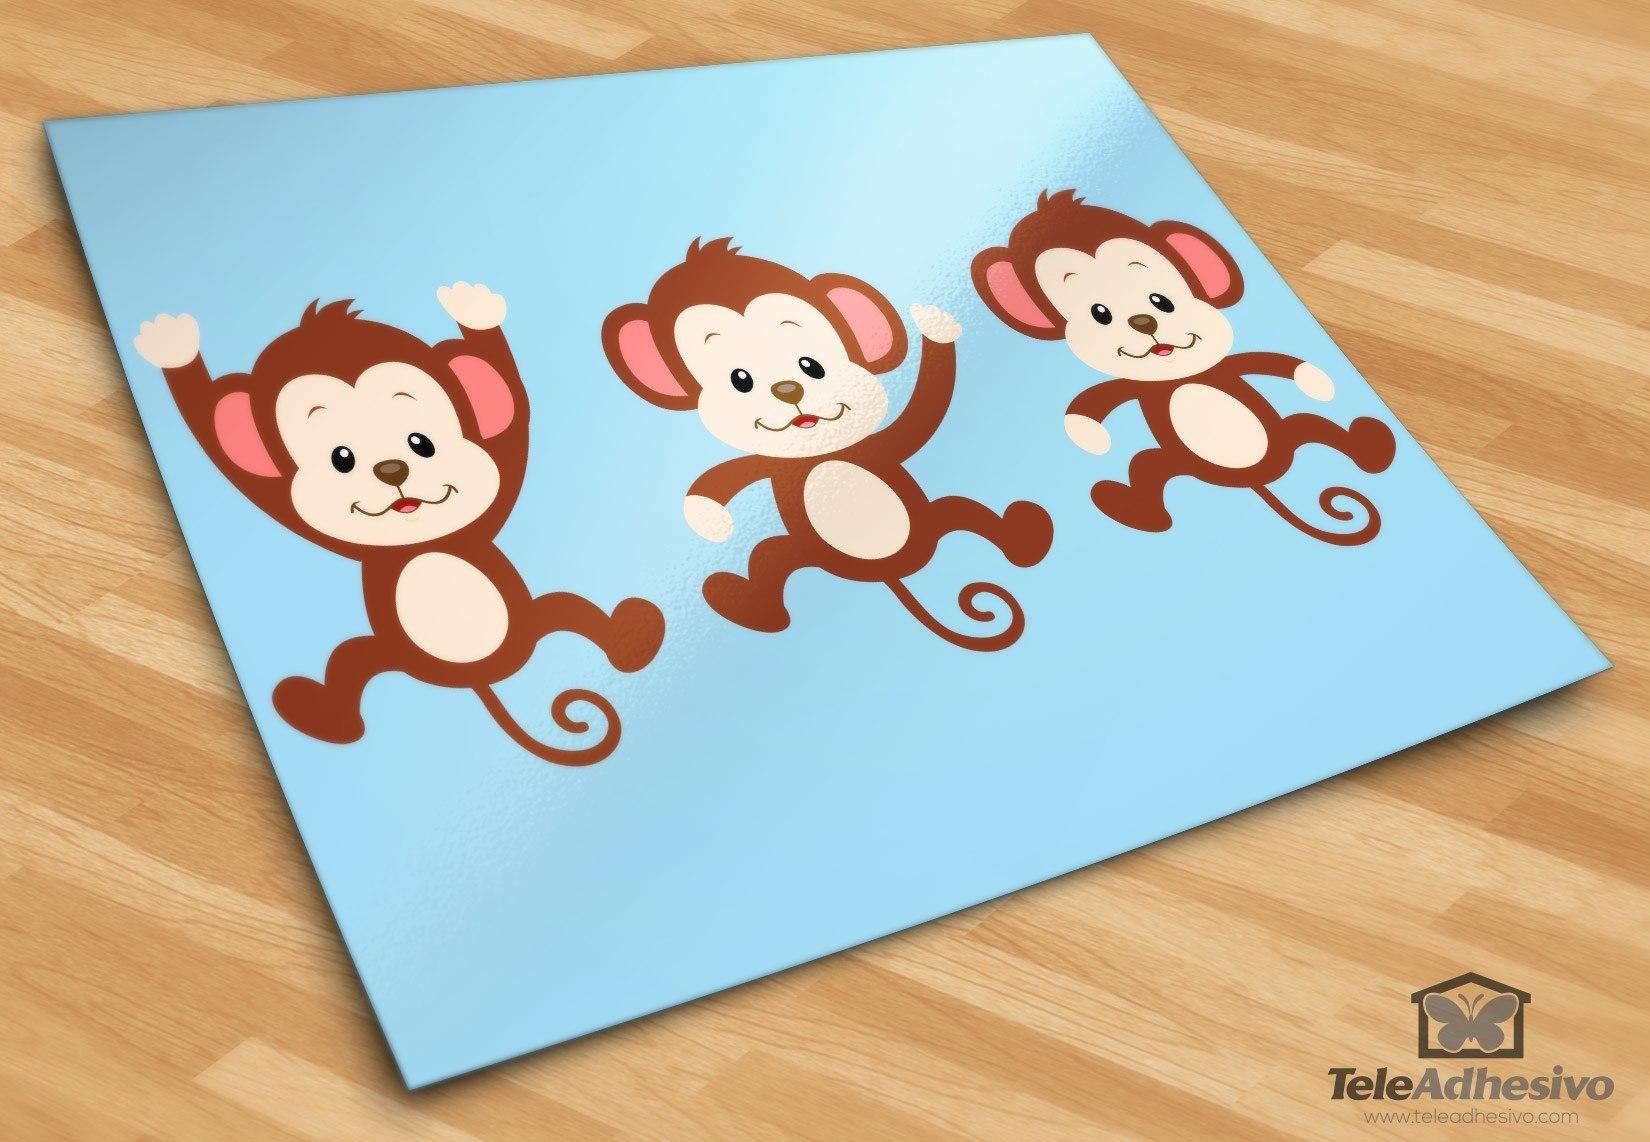 adesivi da muro per bambini ikea: 3d poster design acquista a poco ... - Ikea Adesivi Per Mobili